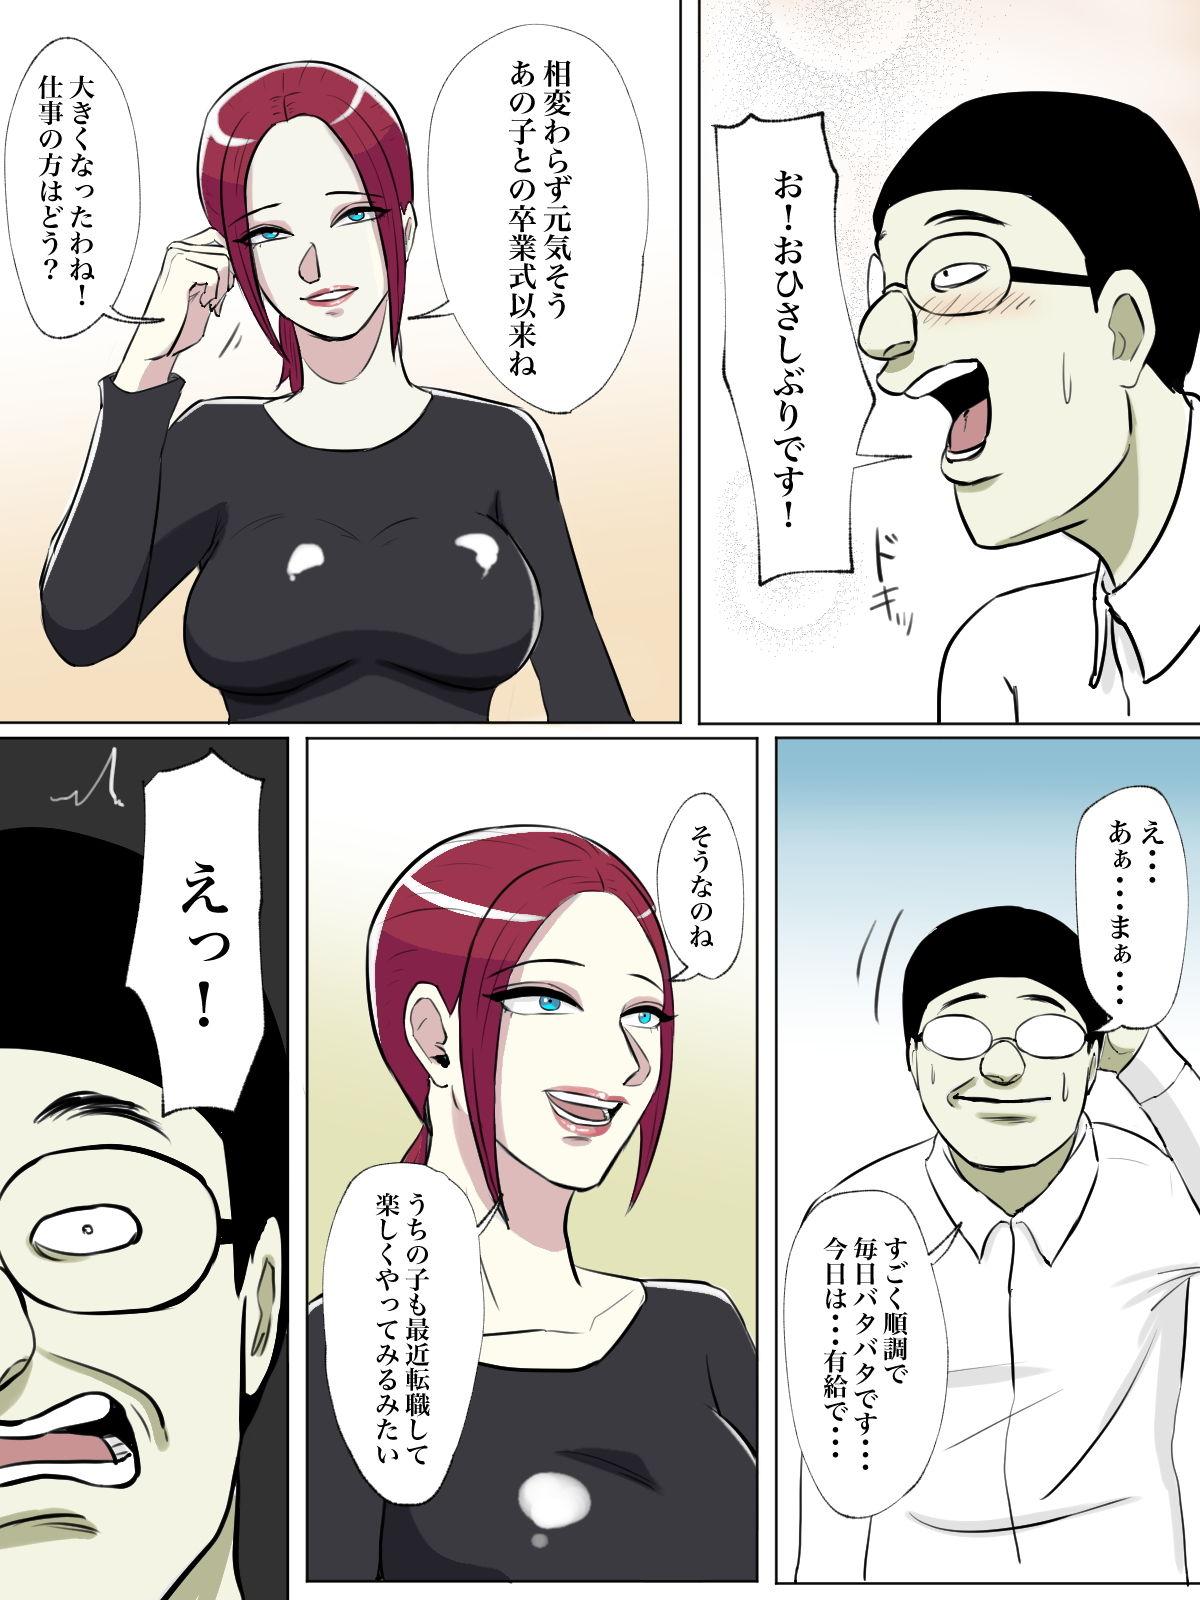 【フルカラー版】友達の母親がトイレ中なら侵入するしかない!のサンプル画像4